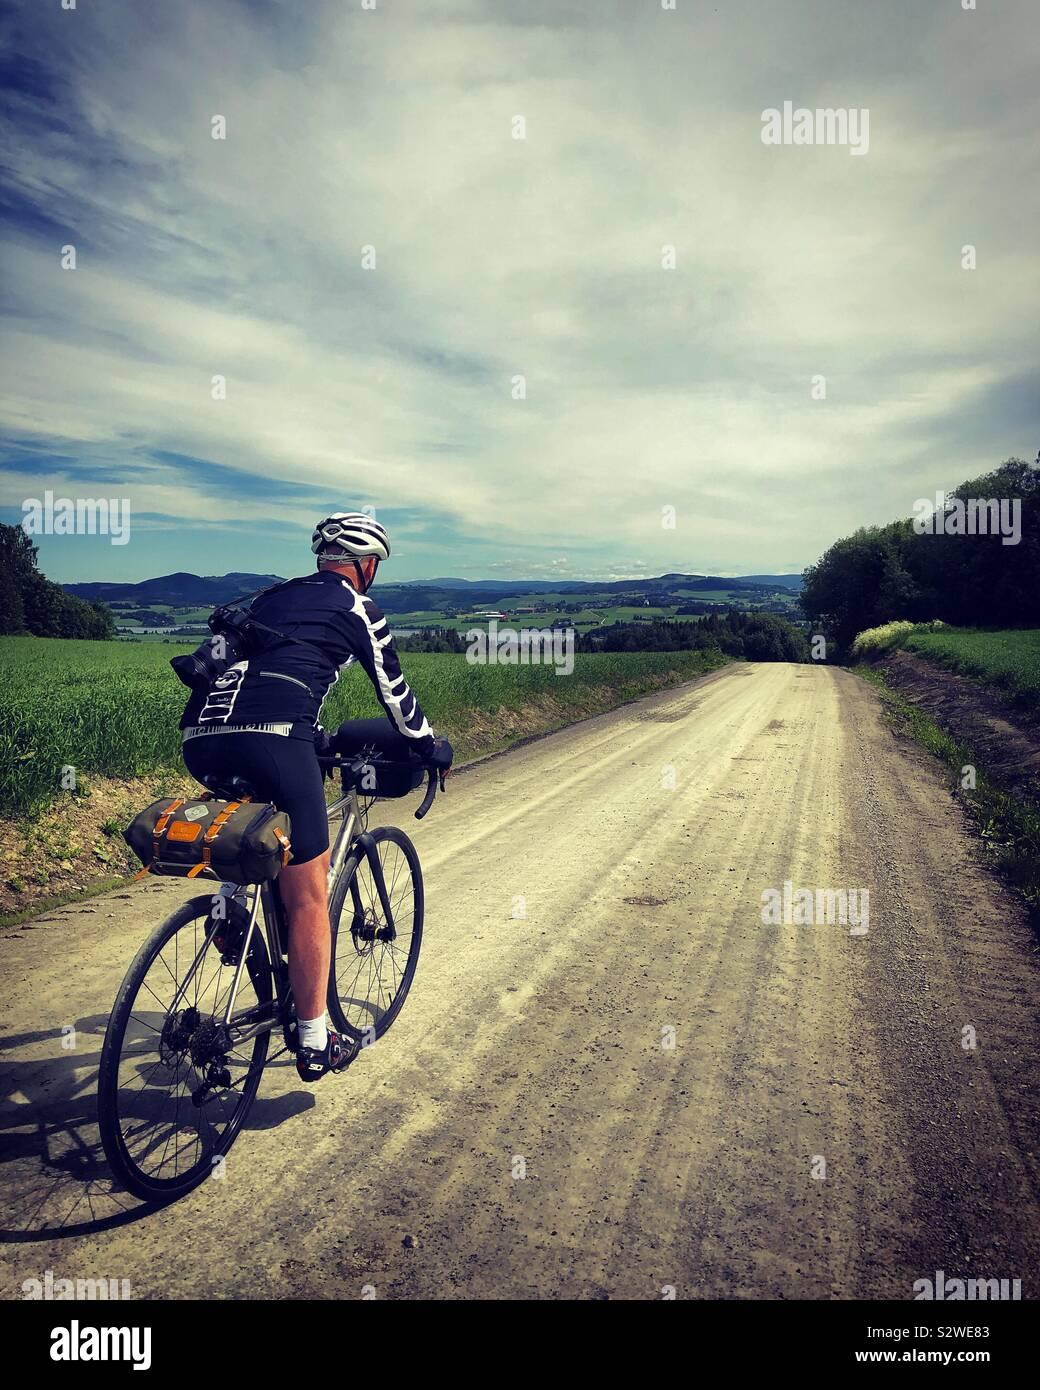 Männliche Radfahrer reiten die Schotterpisten in der Nähe von Trondheim, Norwegen. Stockfoto